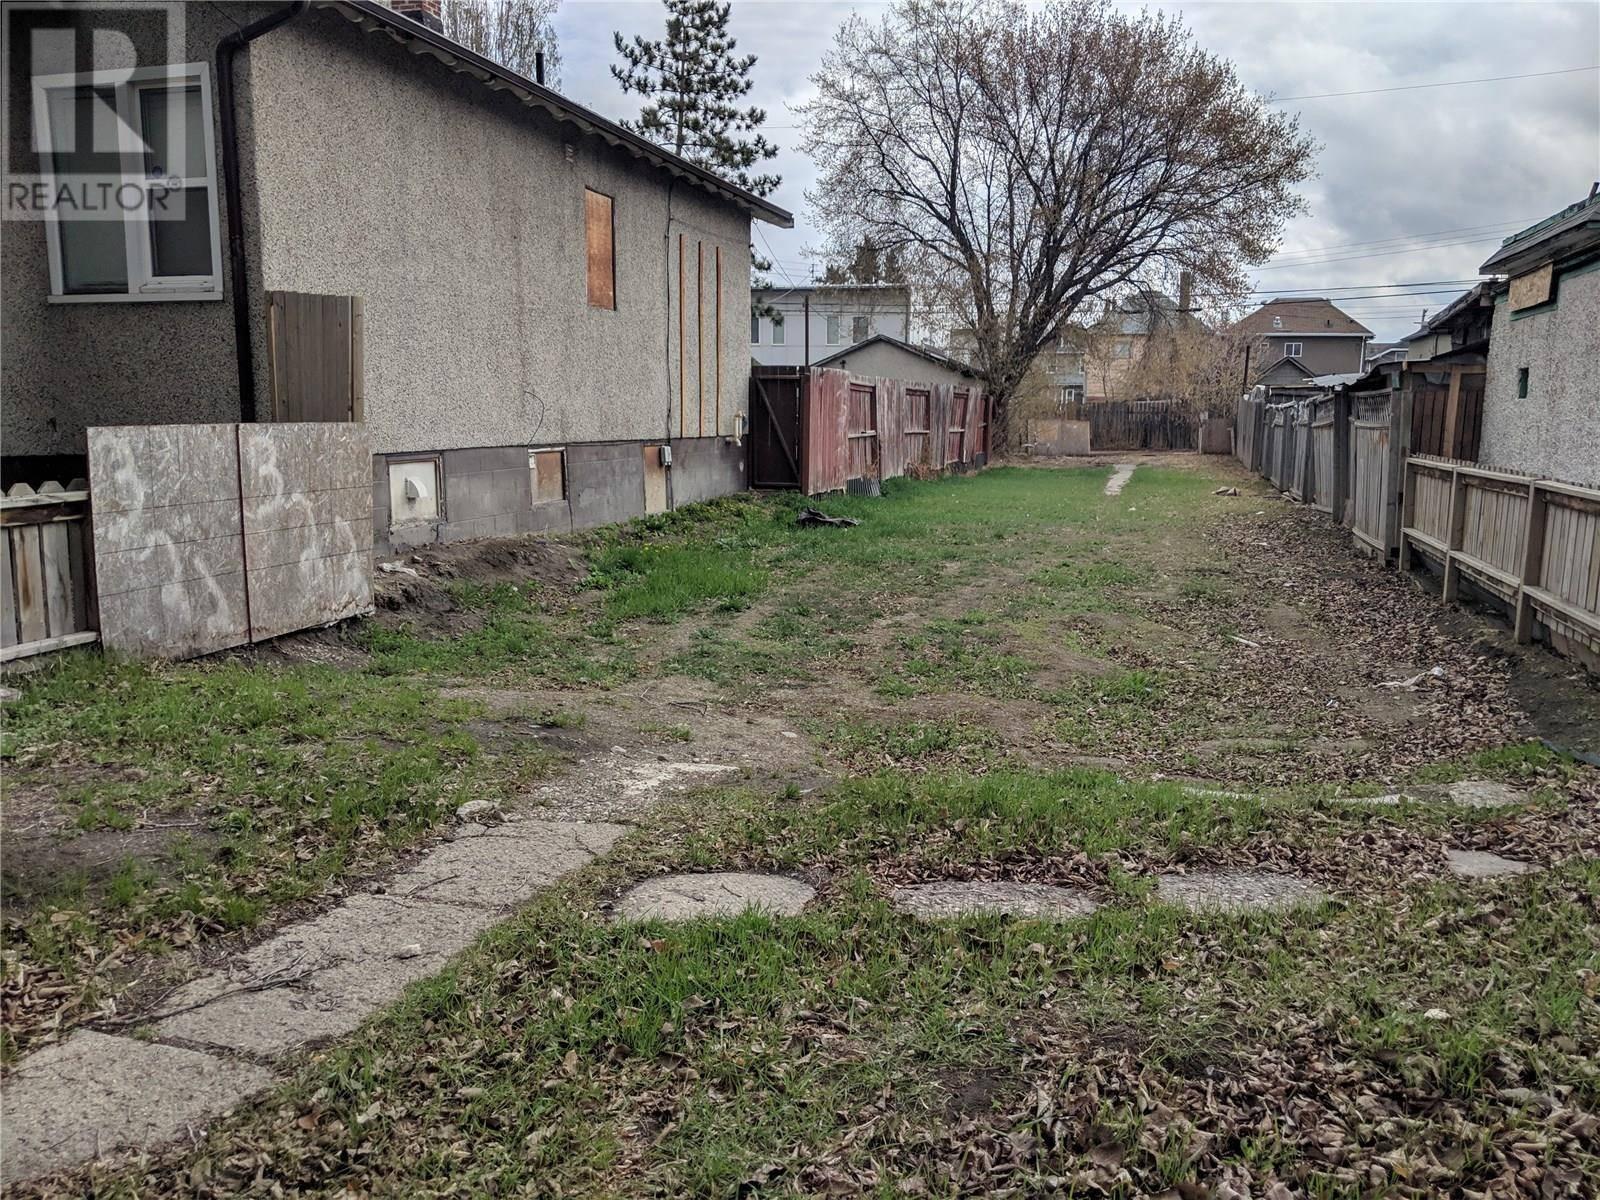 Residential property for sale at 322 E Ave S Saskatoon Saskatchewan - MLS: SK762267